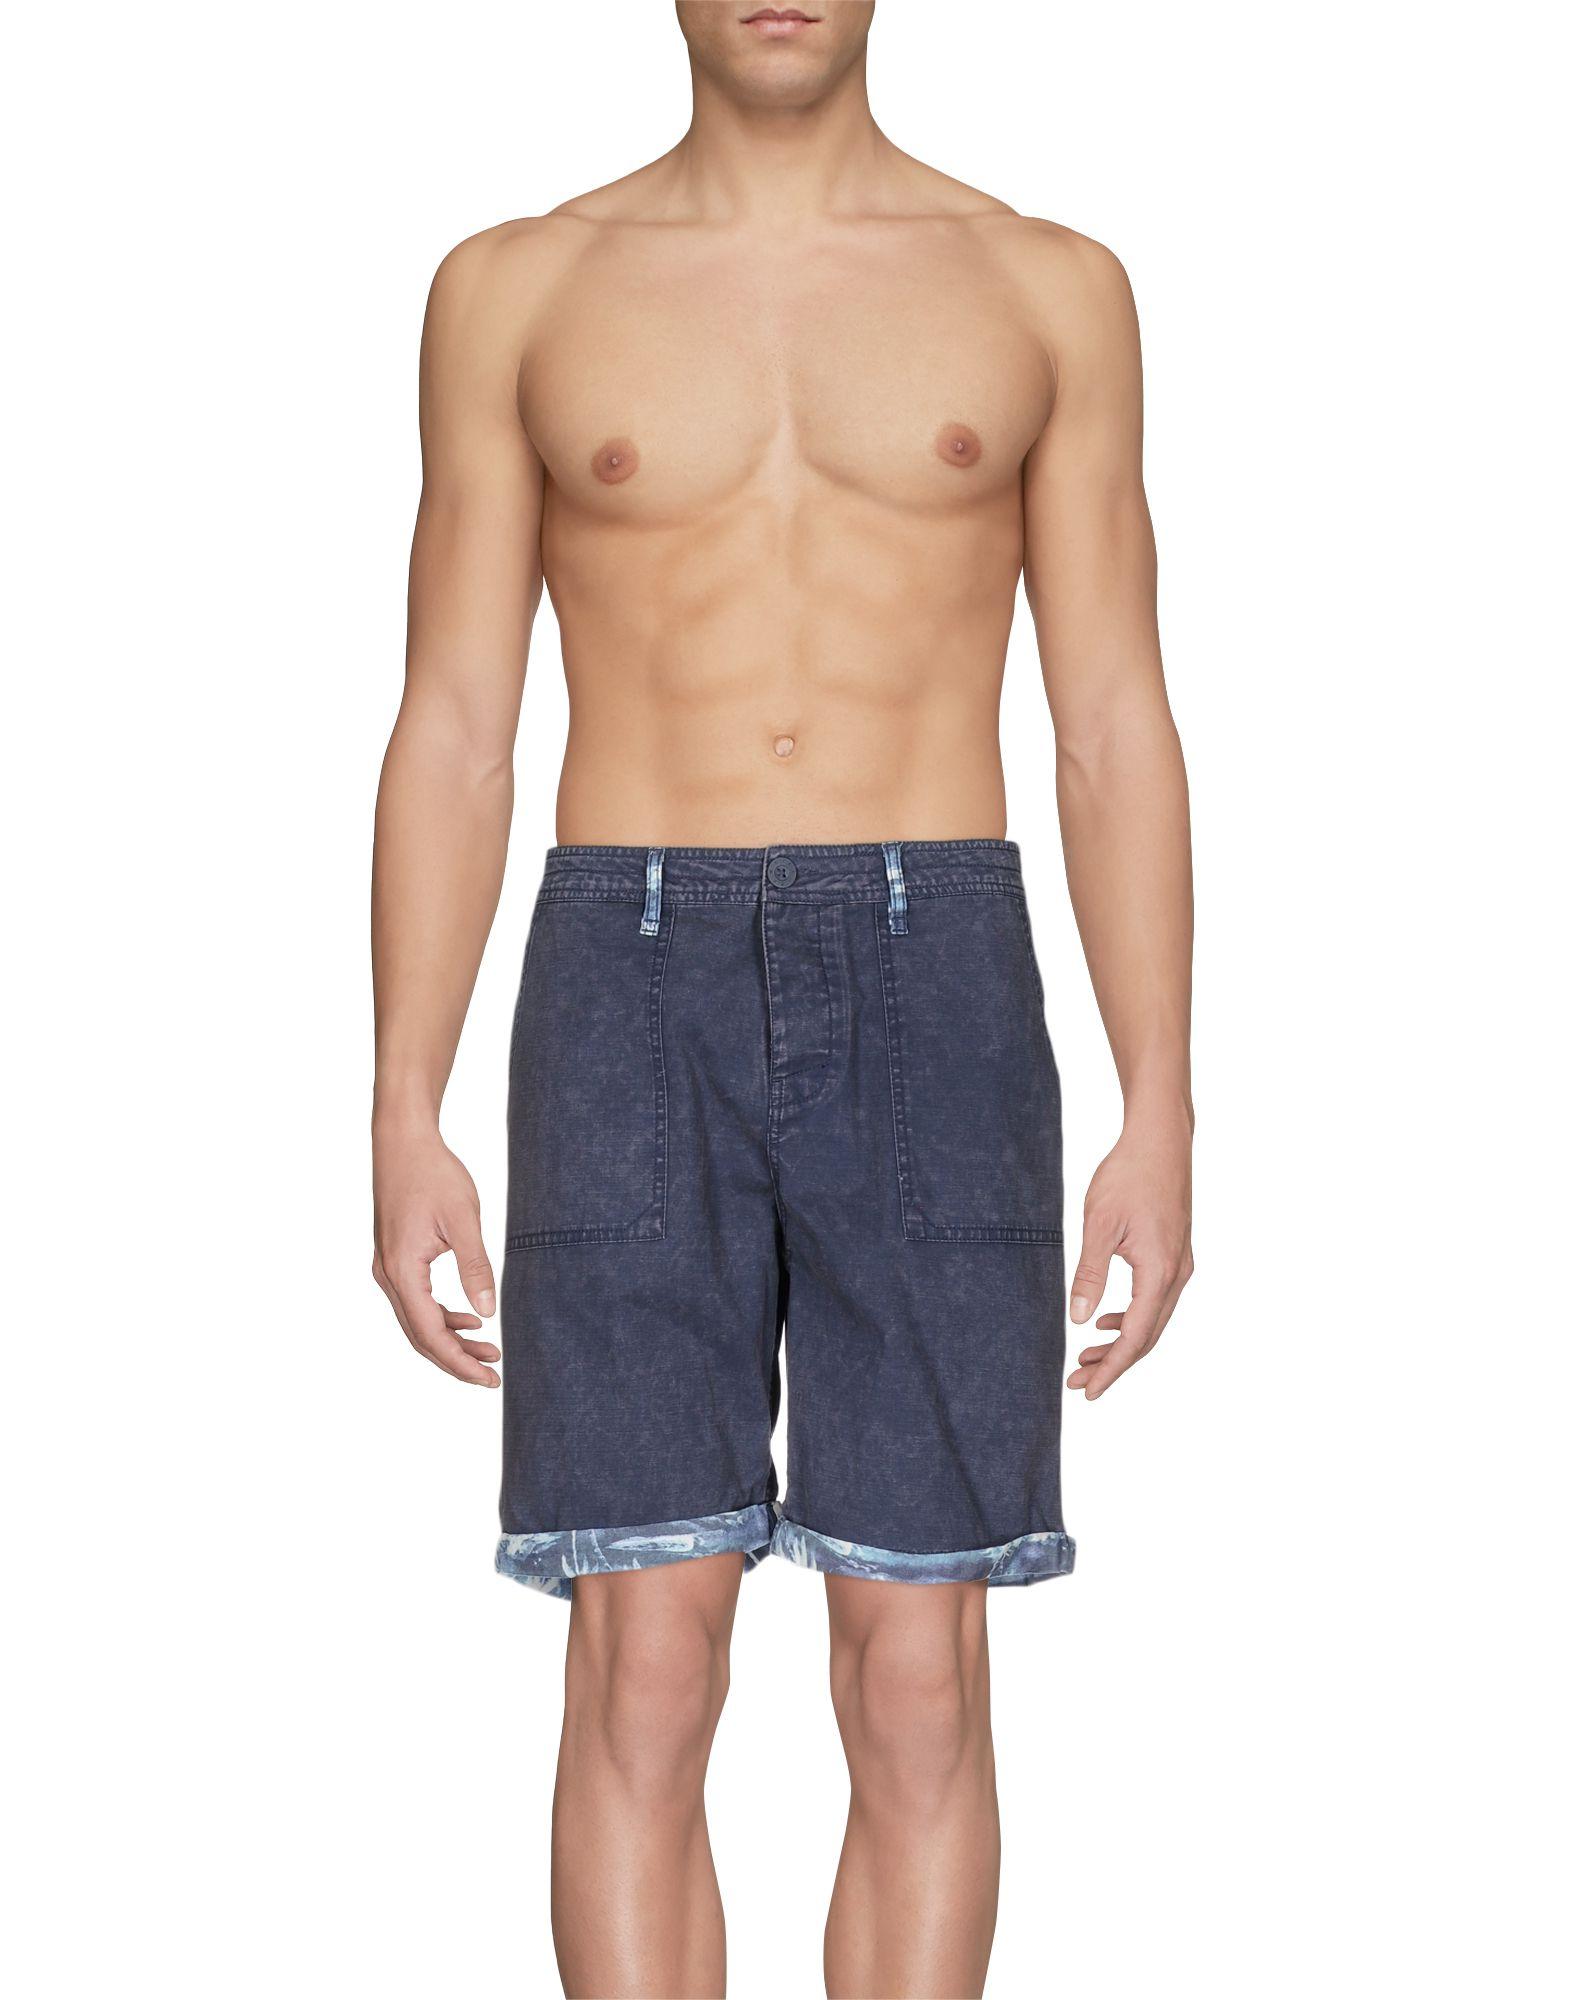 《送料無料》RIPCURL メンズ 水着(パンツ) ダークブルー 28 コットン 100%